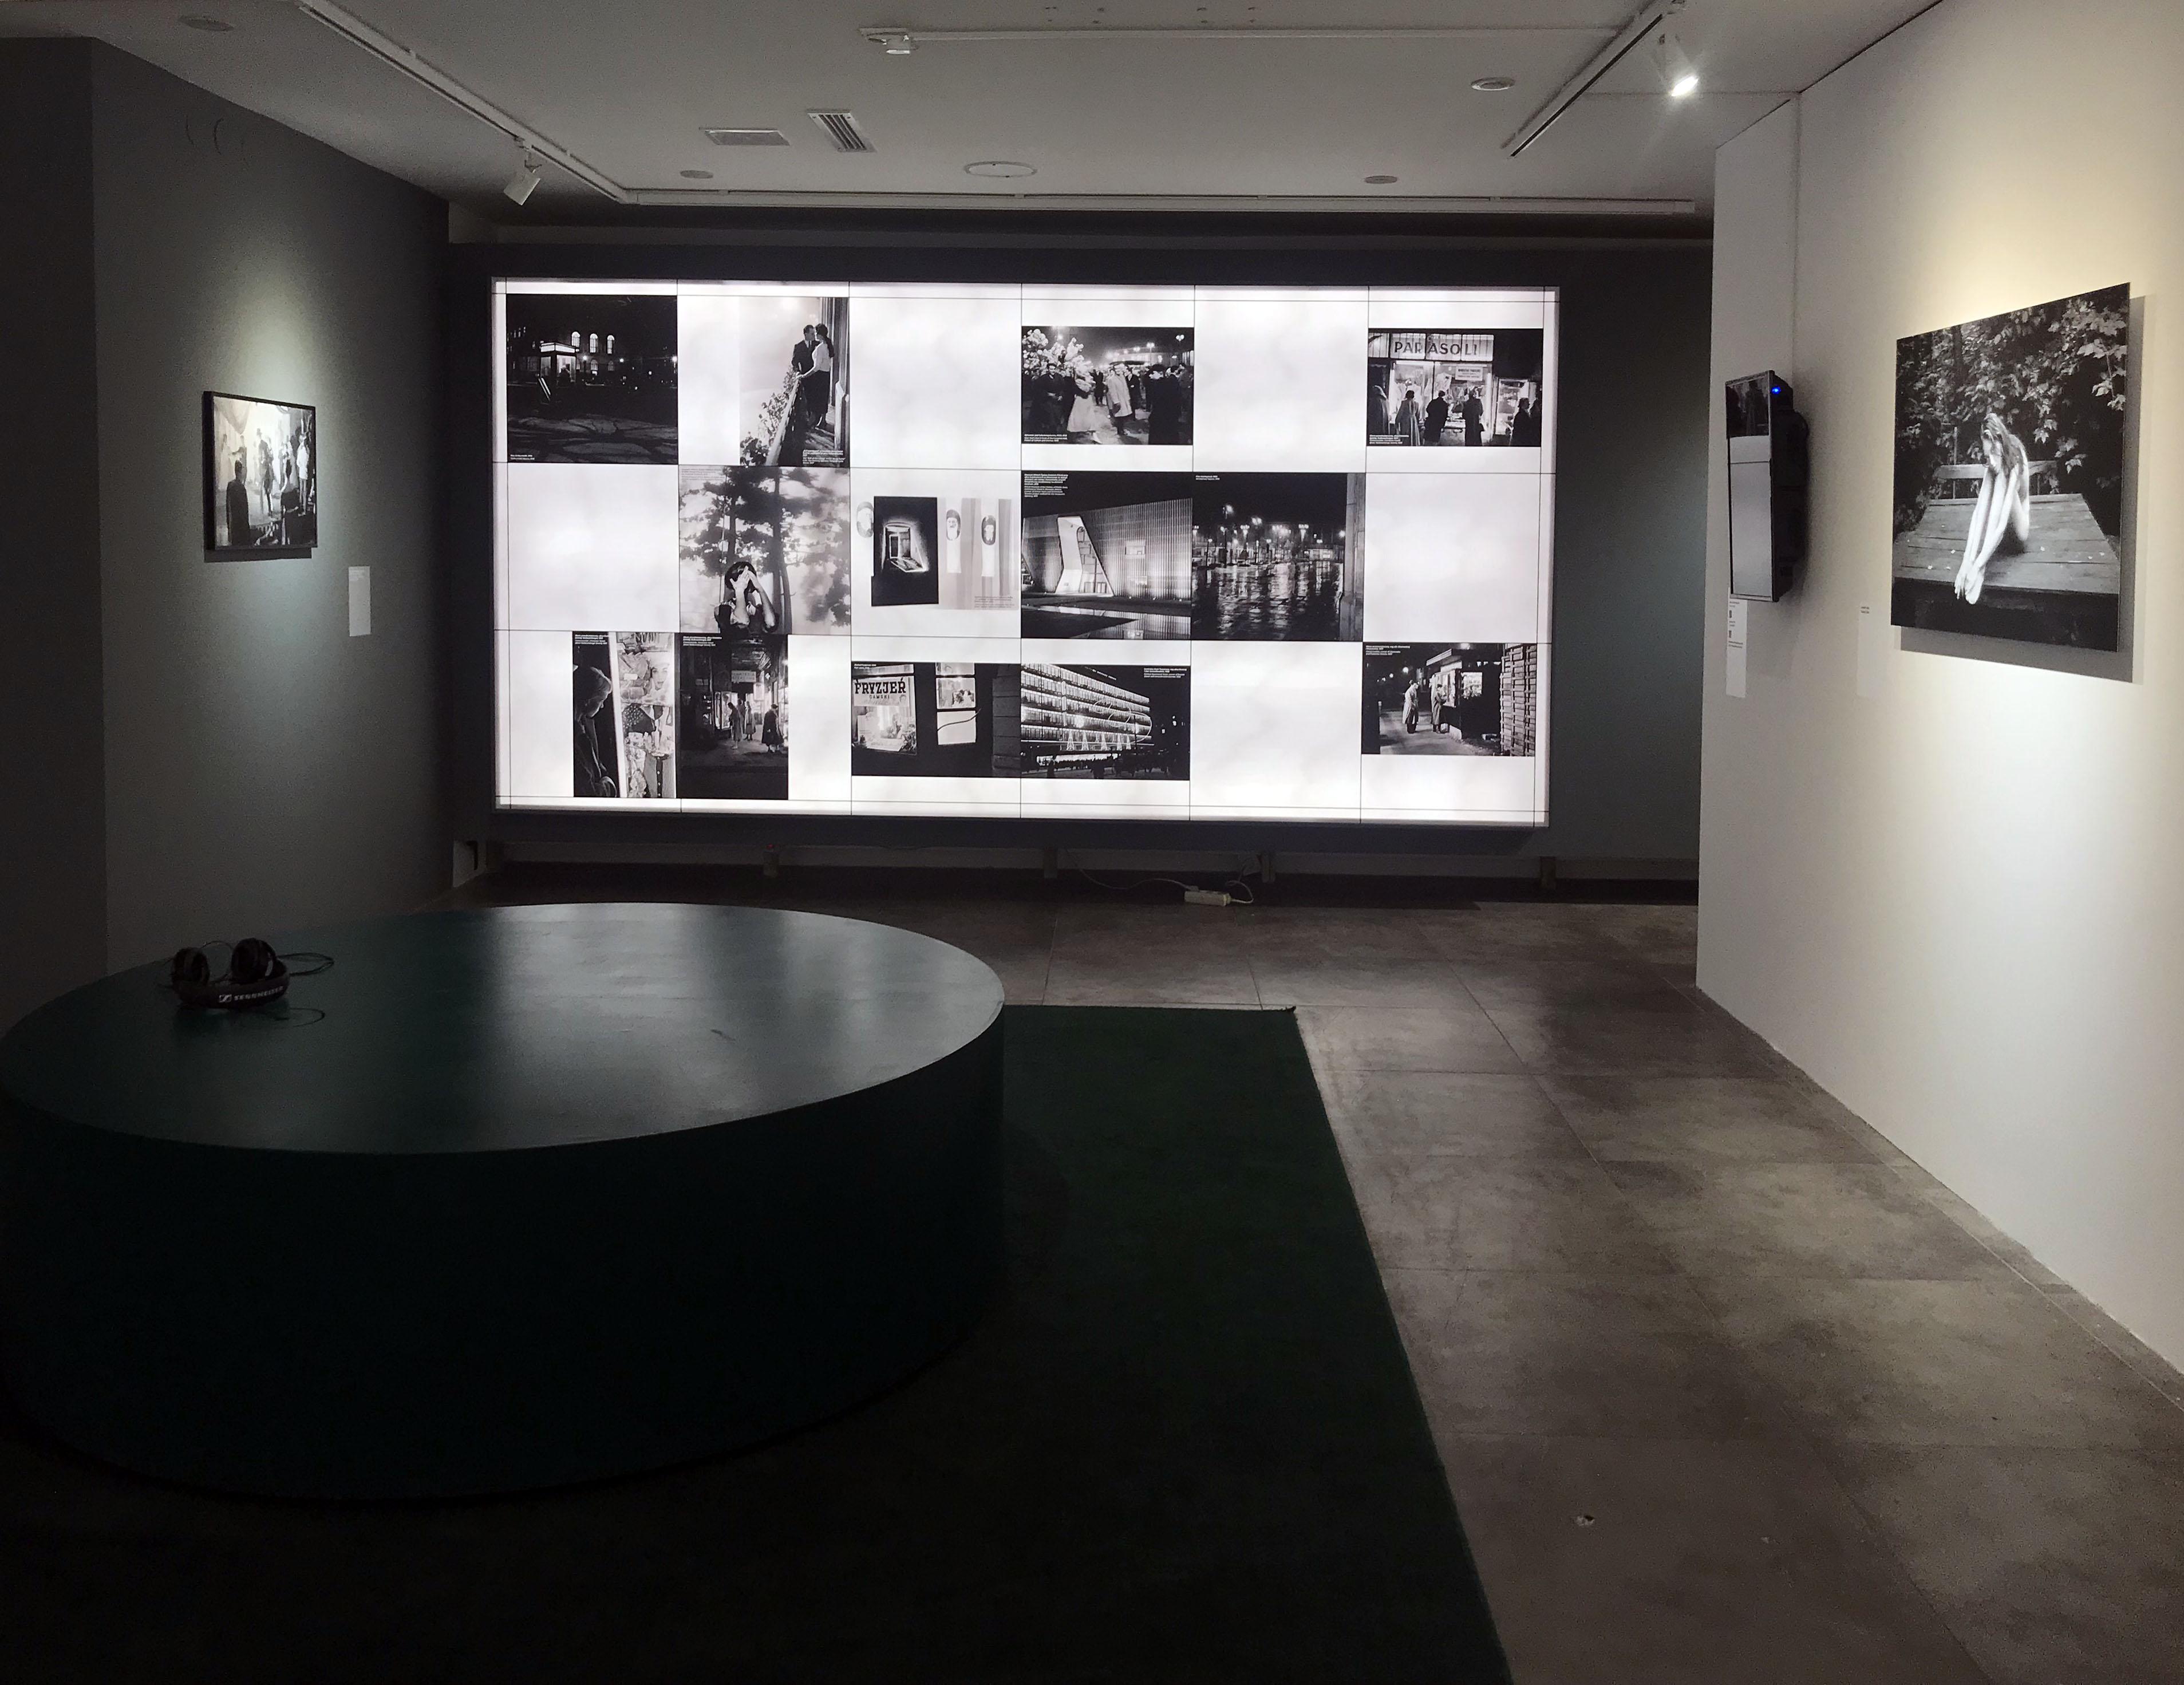 Fotografie Warszawskie. Wystawa Tadeusza Rolke w Domu Spotkańz Historią. Projekt ekspozycji studio Matosek / Niezgoda